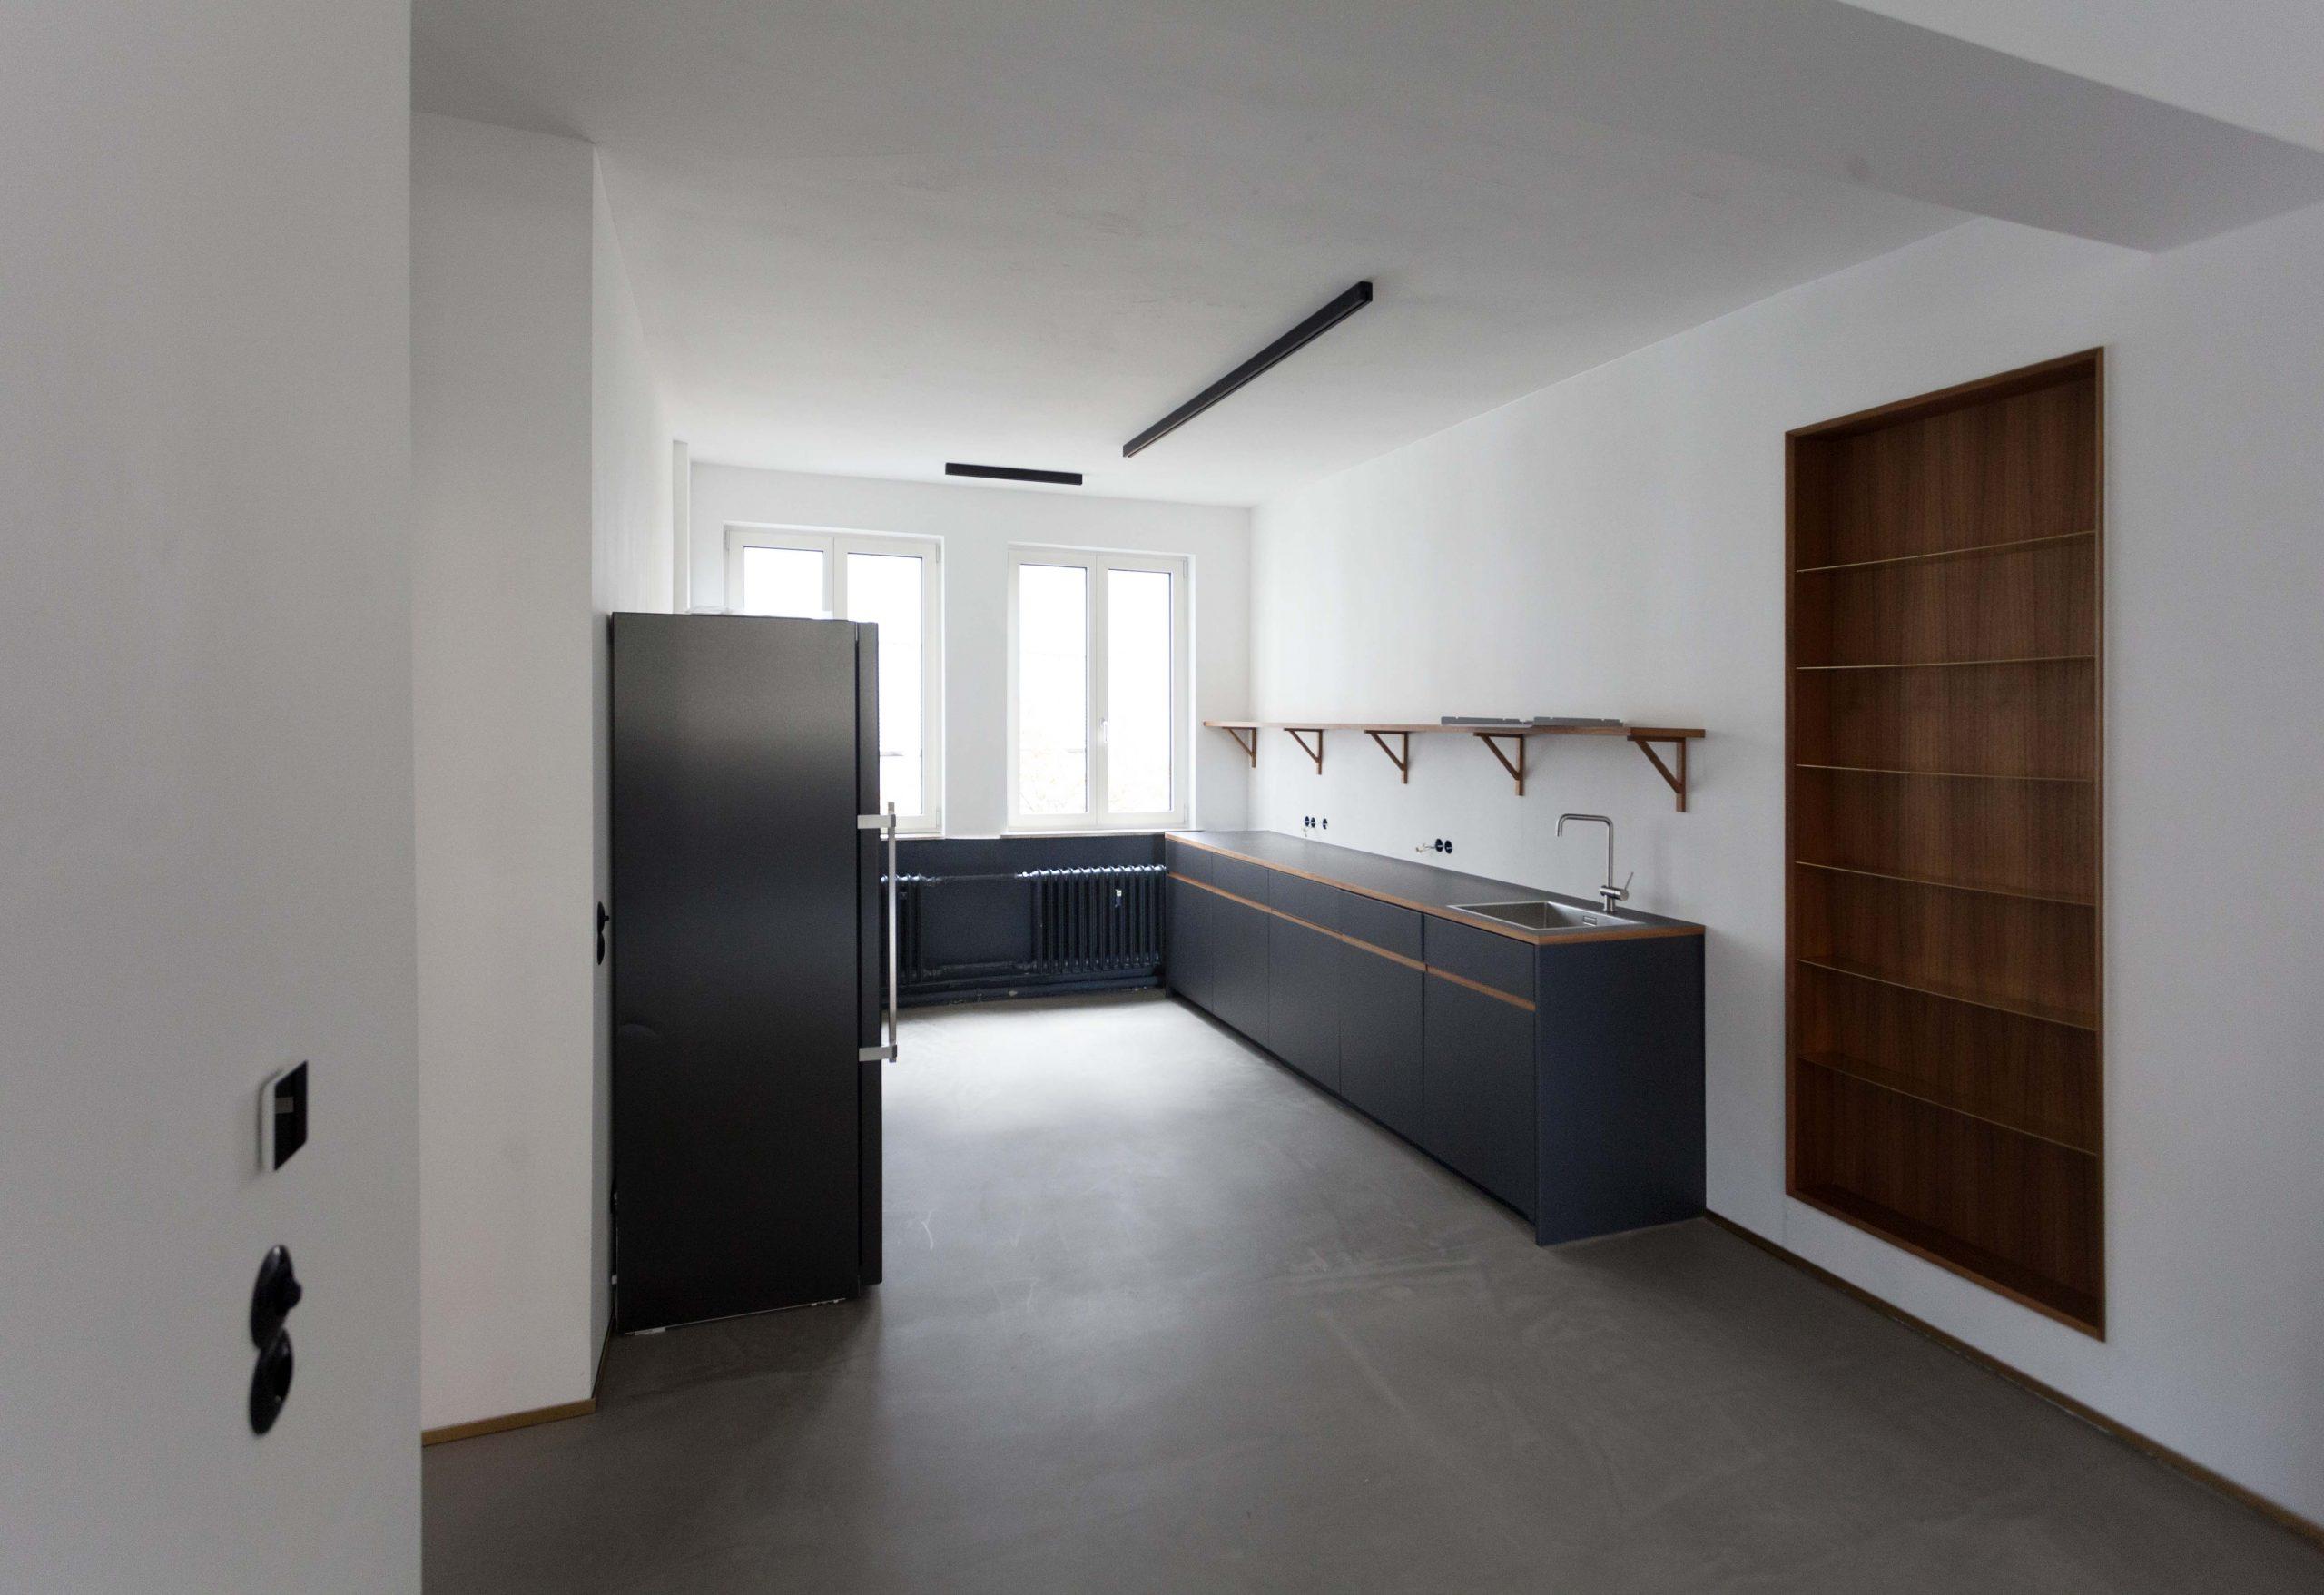 Küche im Büro nach der Renovierung